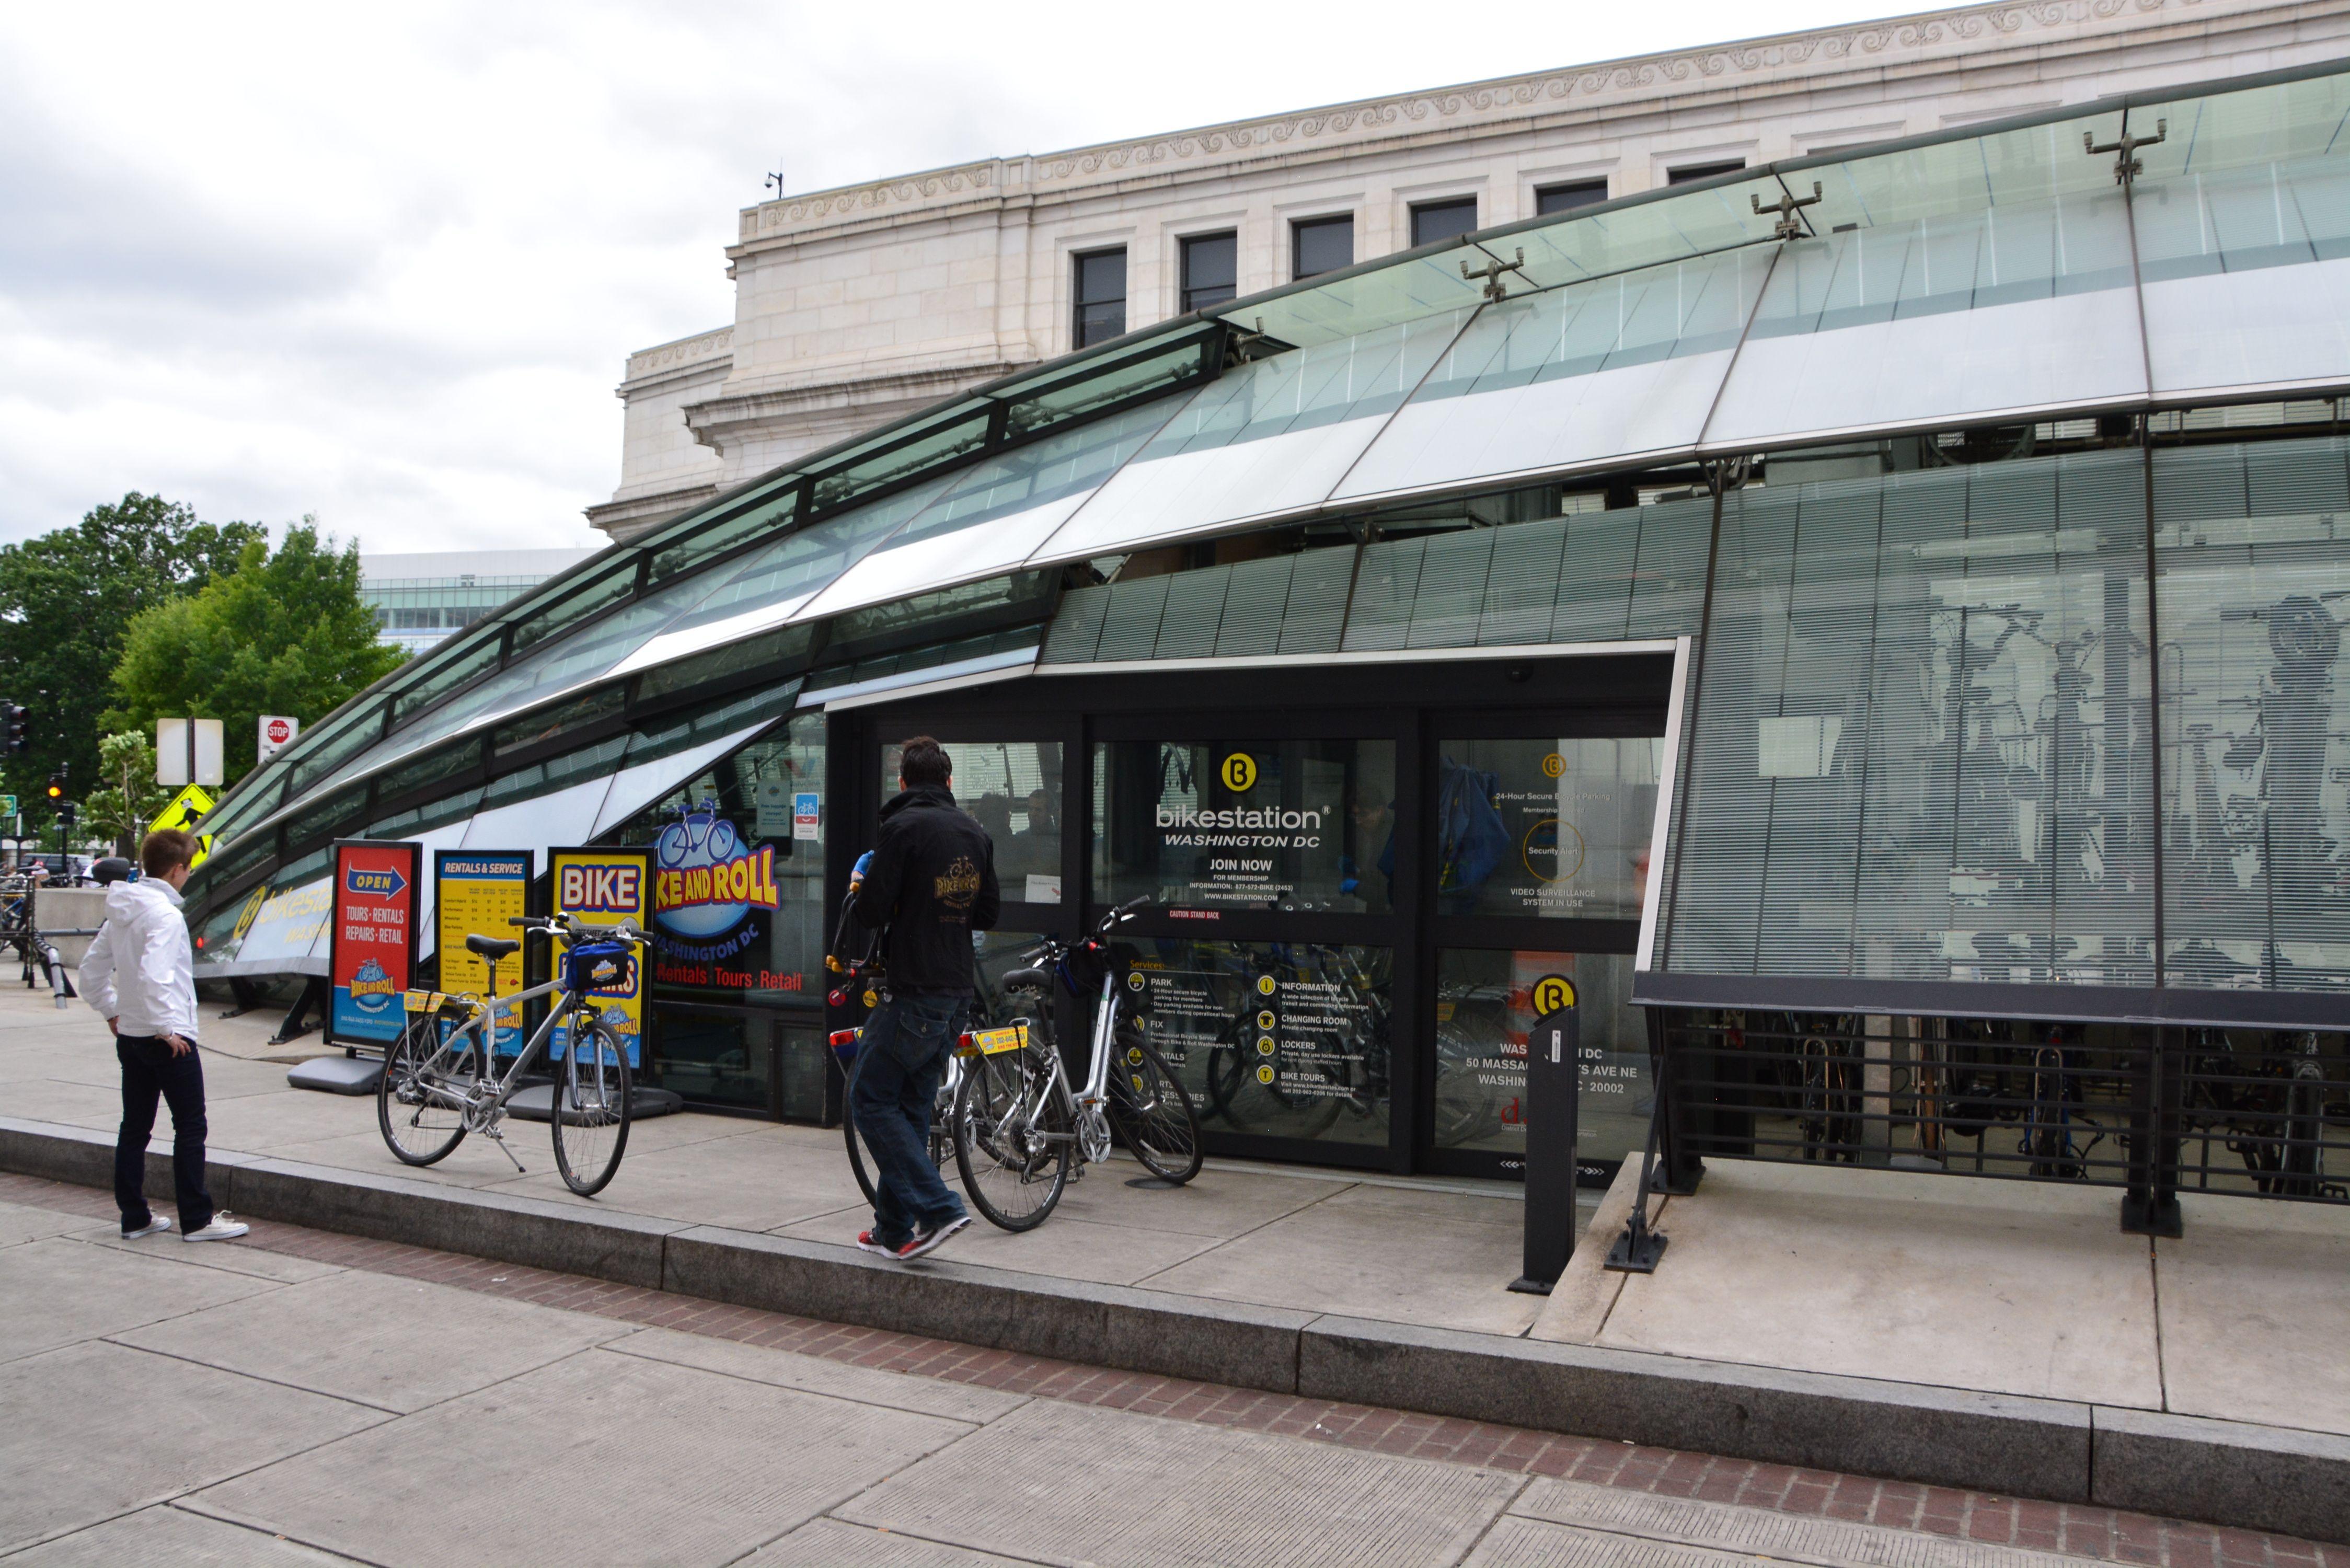 Union Station Bike Station Washington Dc Union Station Washington Dc Bike